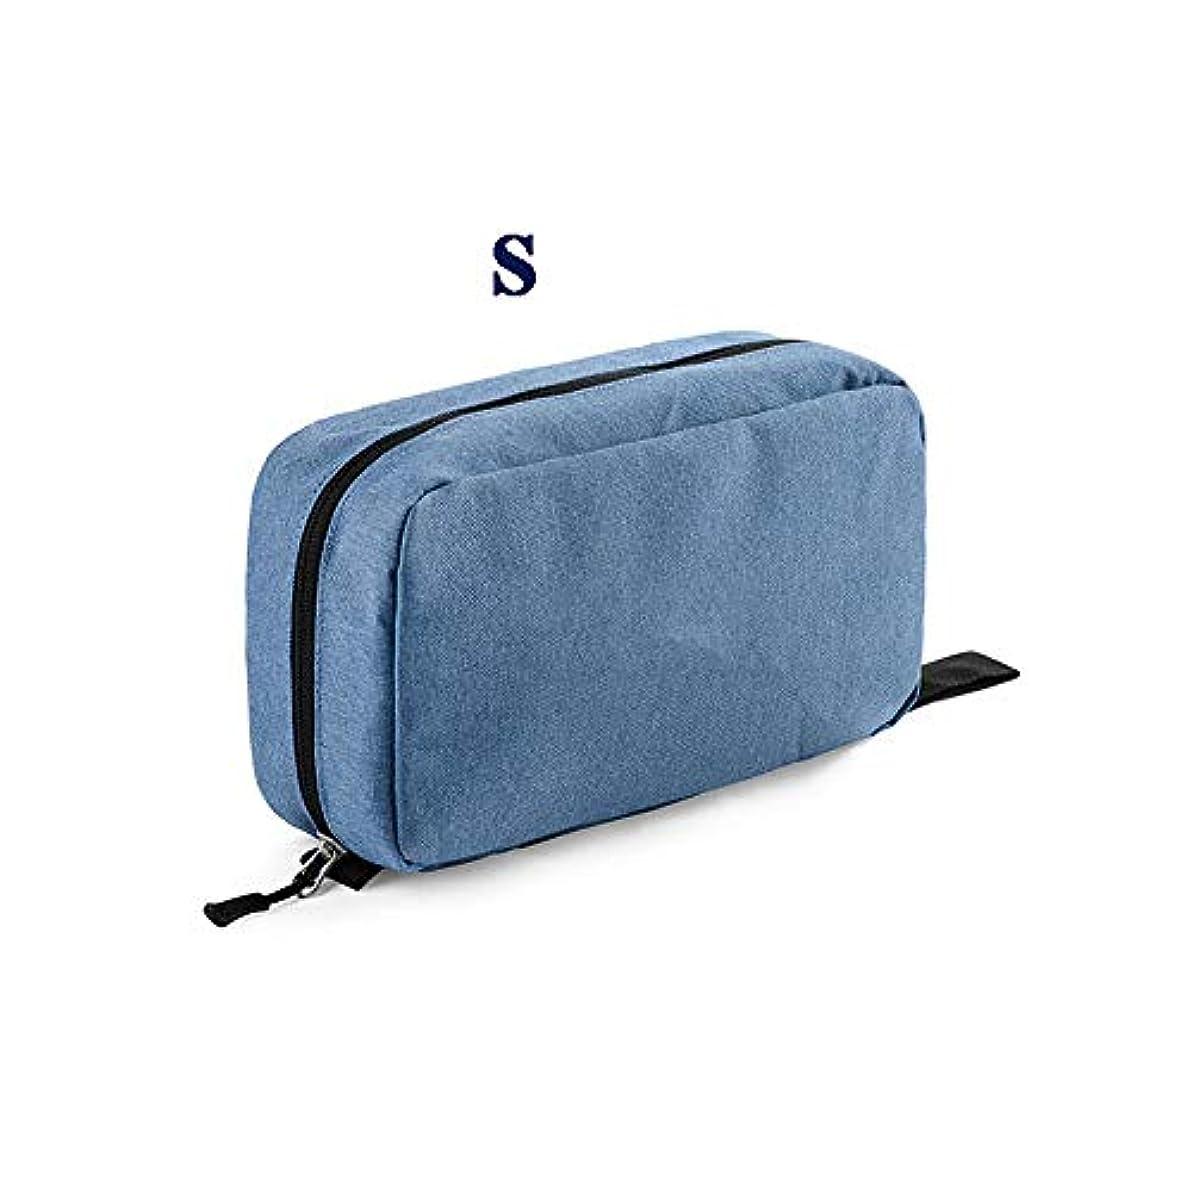 もちろん重要な受け入れる化粧オーガナイザーバッグ ポータブルジッパー収納バッグ用化粧品化粧ブラシプロの旅行化粧バッグ旅行アクセサリー大容量防水ウォッシュバッグ 化粧品ケース (色 : 青, サイズ : S)